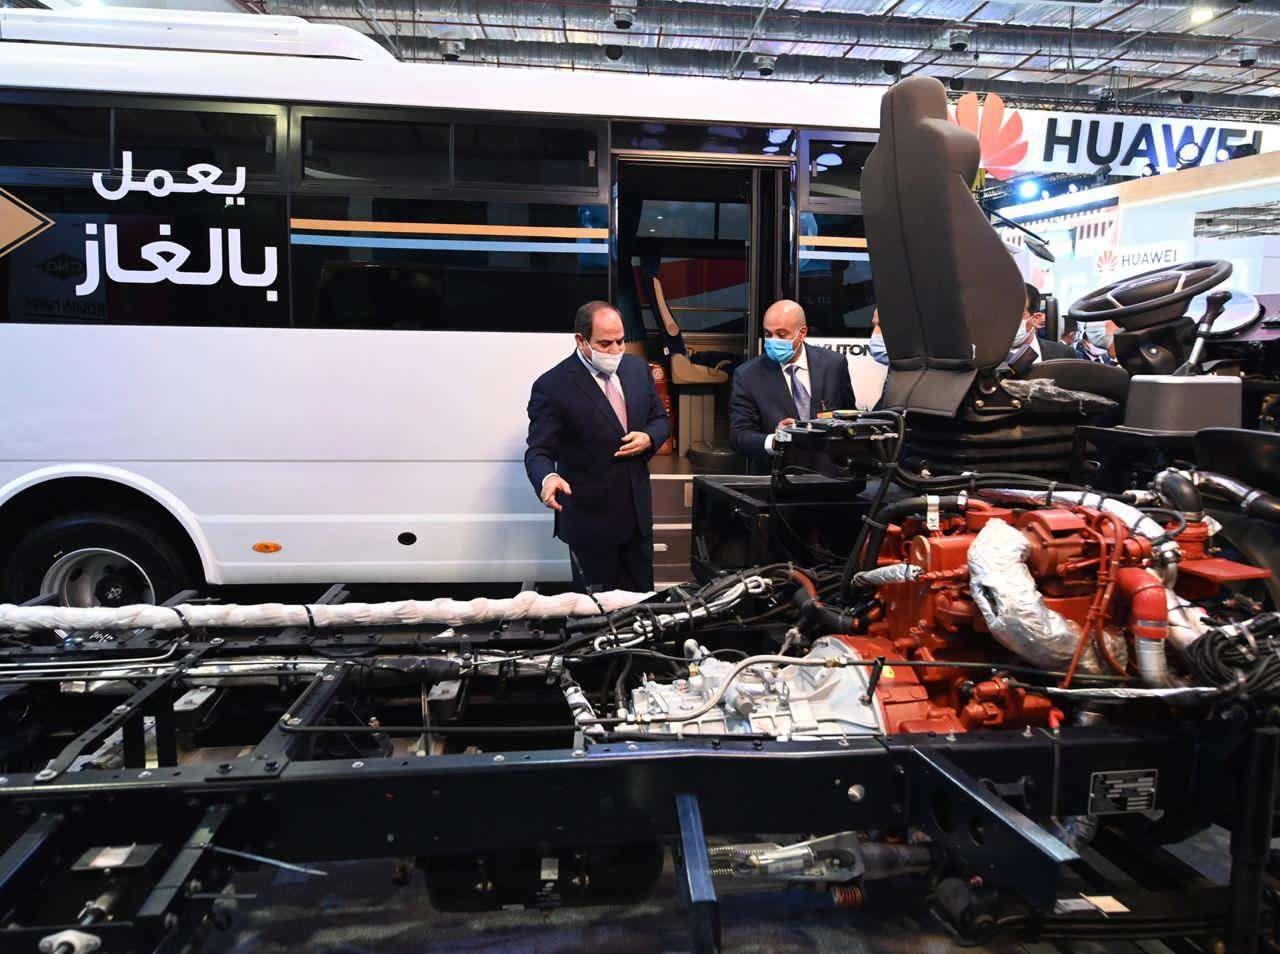 بالصور.. السيسي يفتتح معرض النقل الذكي للشرق الأوسط وأفريقيا